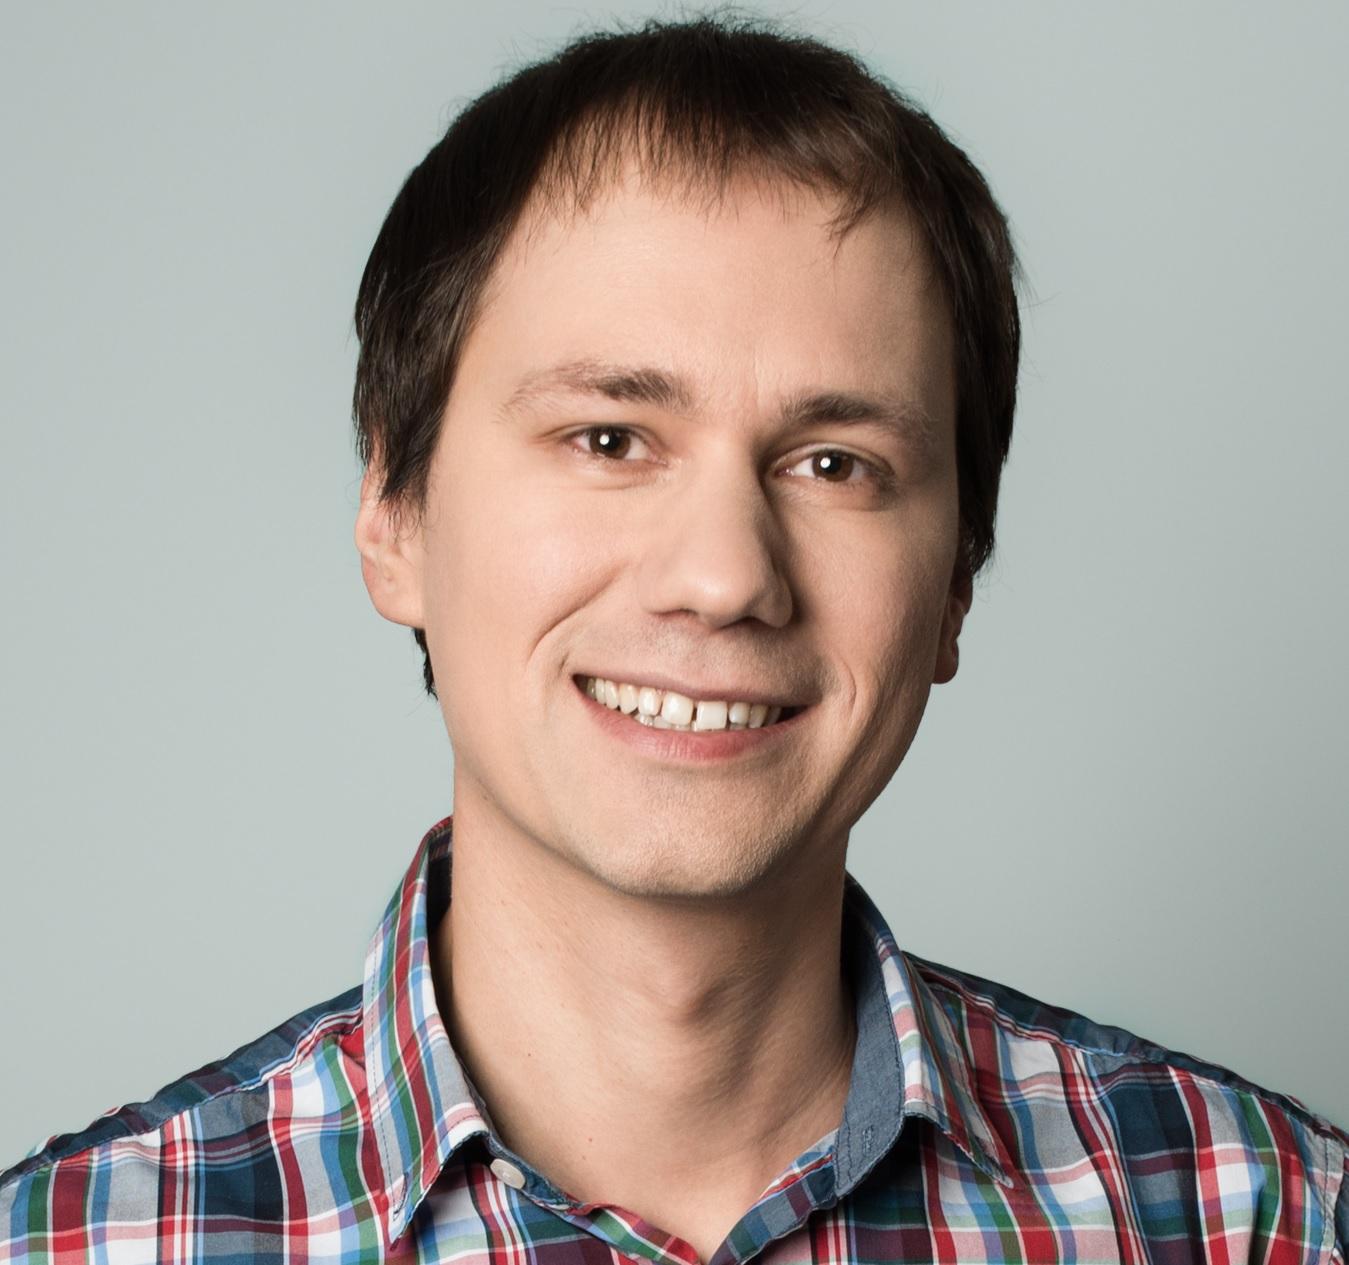 Krzysztof Szyntar